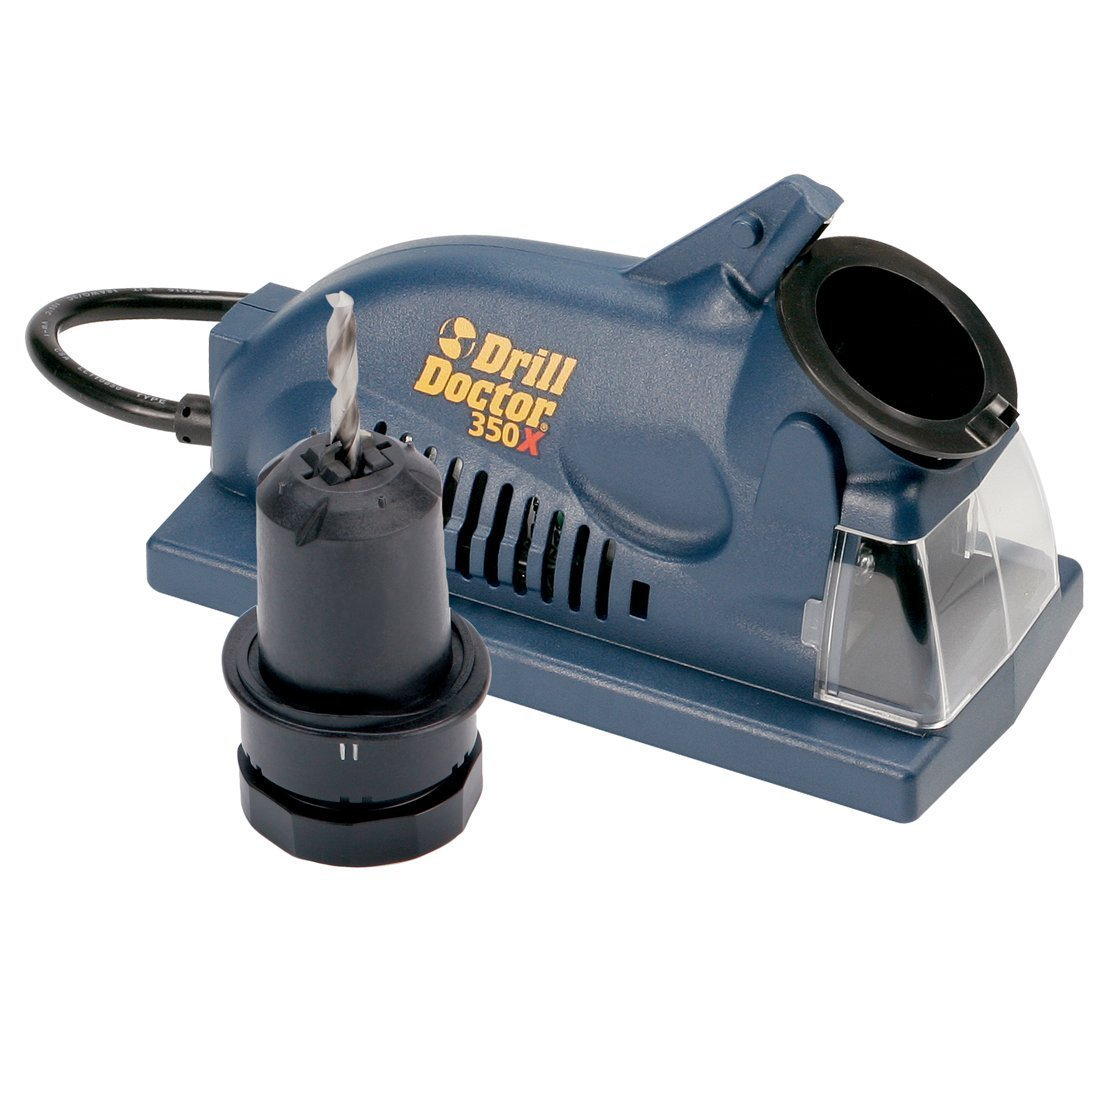 B000BKX9CU Drill Doctor DD350X Drill Bit Sharpener 61GzwalG-sS